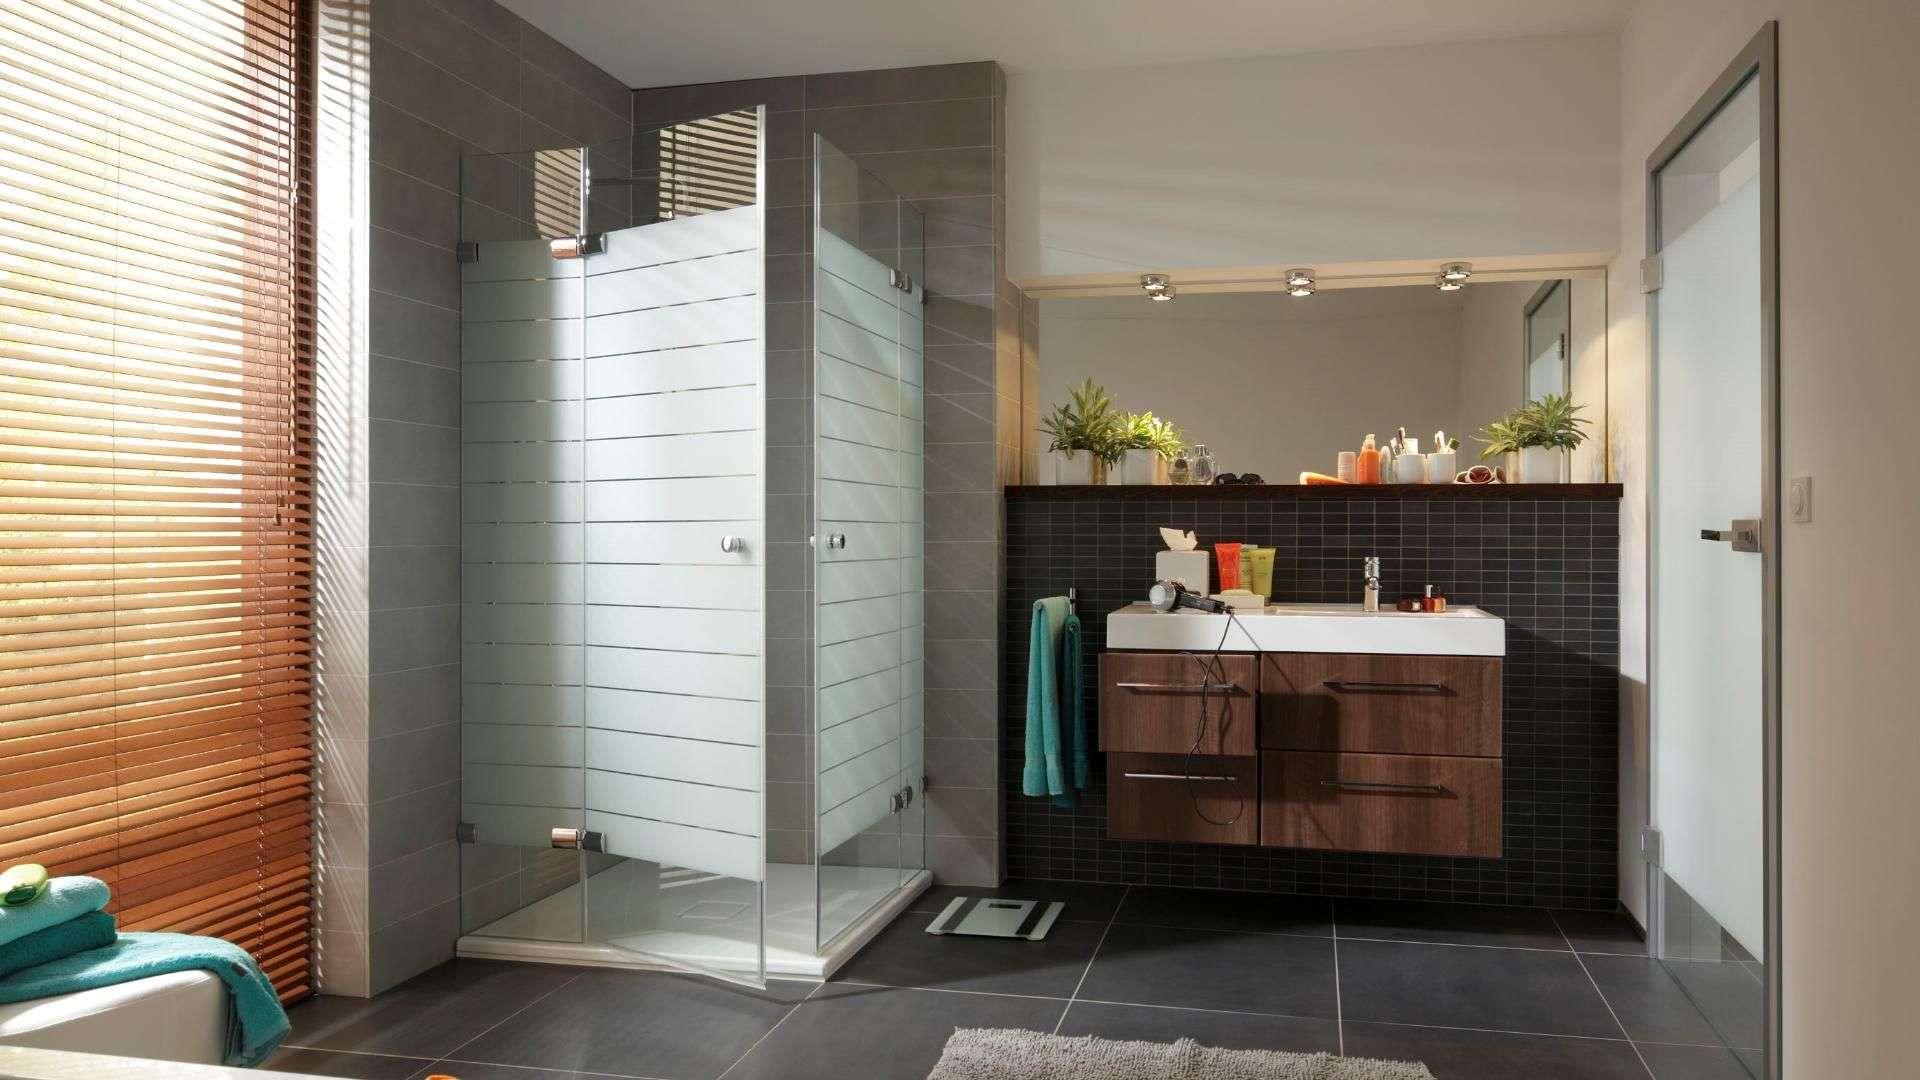 Dusche mit Milchglaswänden in einem modernen Badezimmer